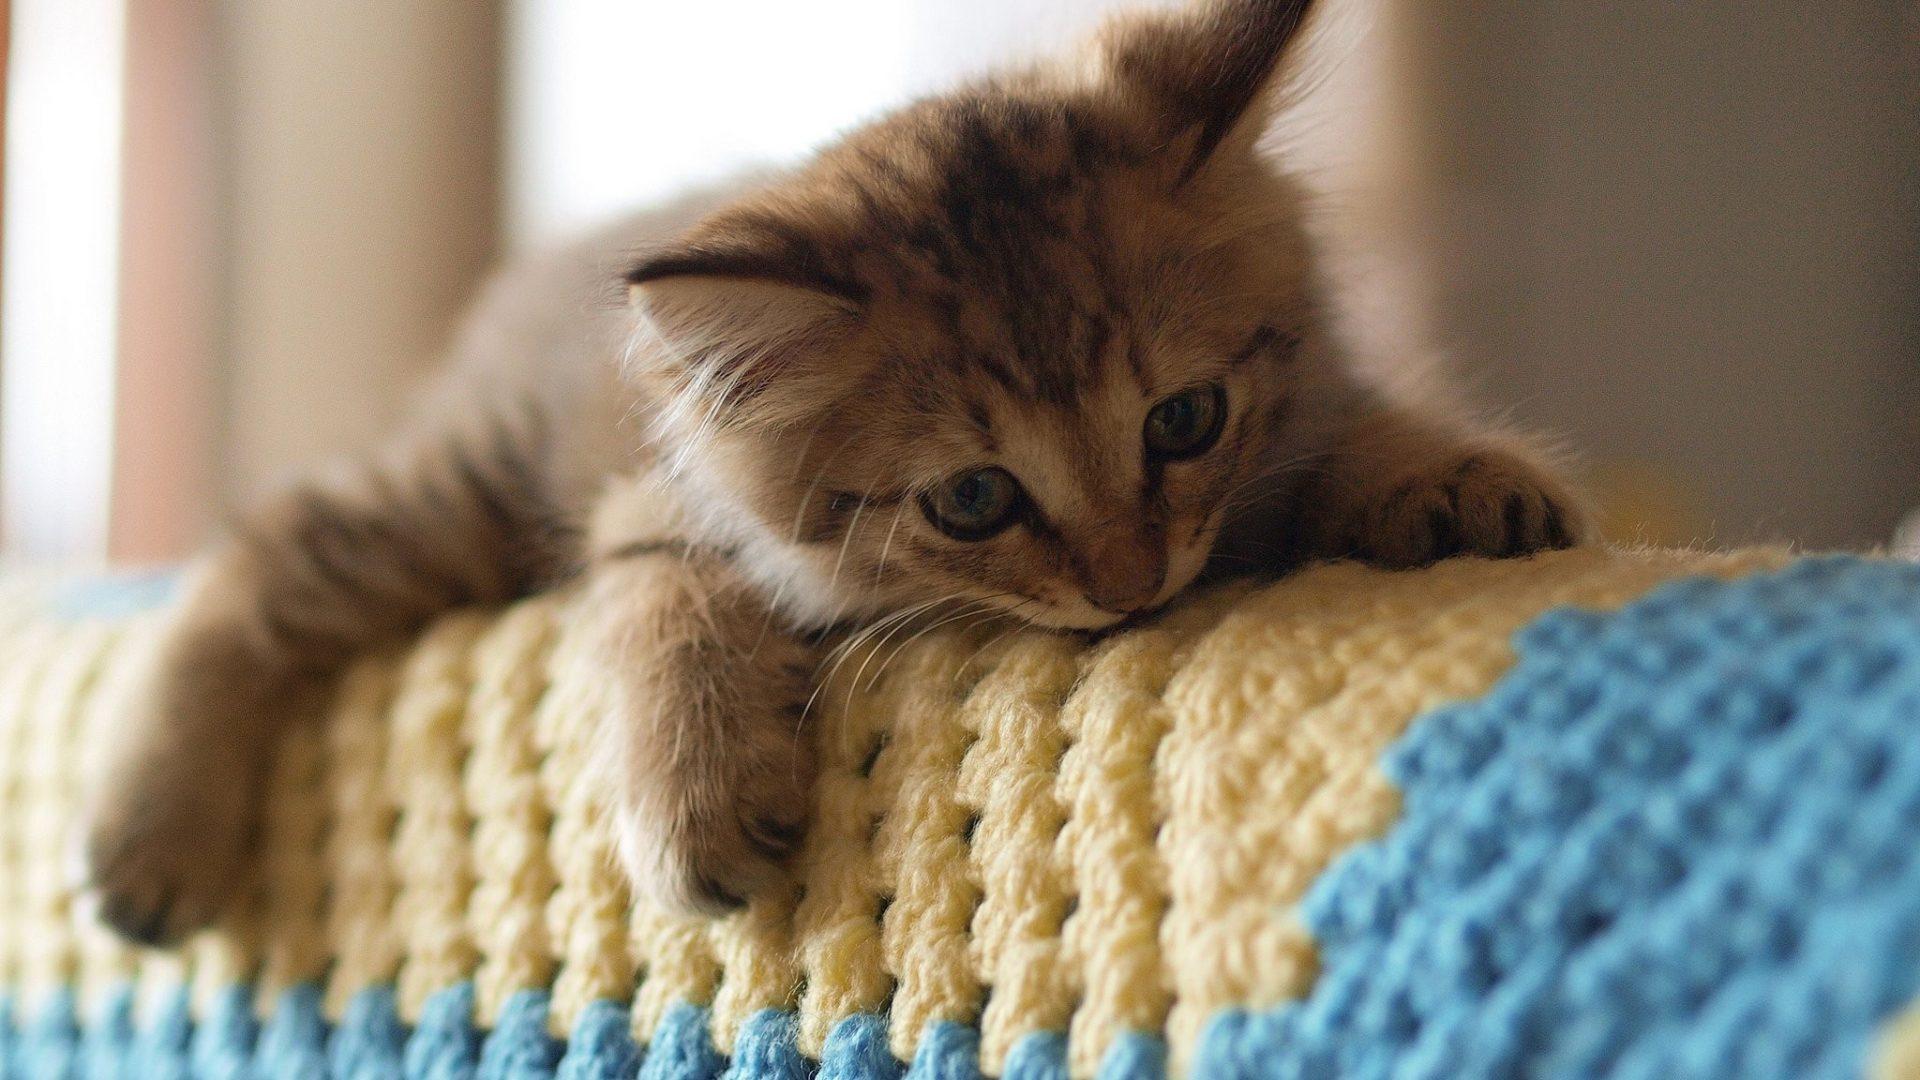 بالصور صور قطط كيوت , اجمل صور قطط 331 8